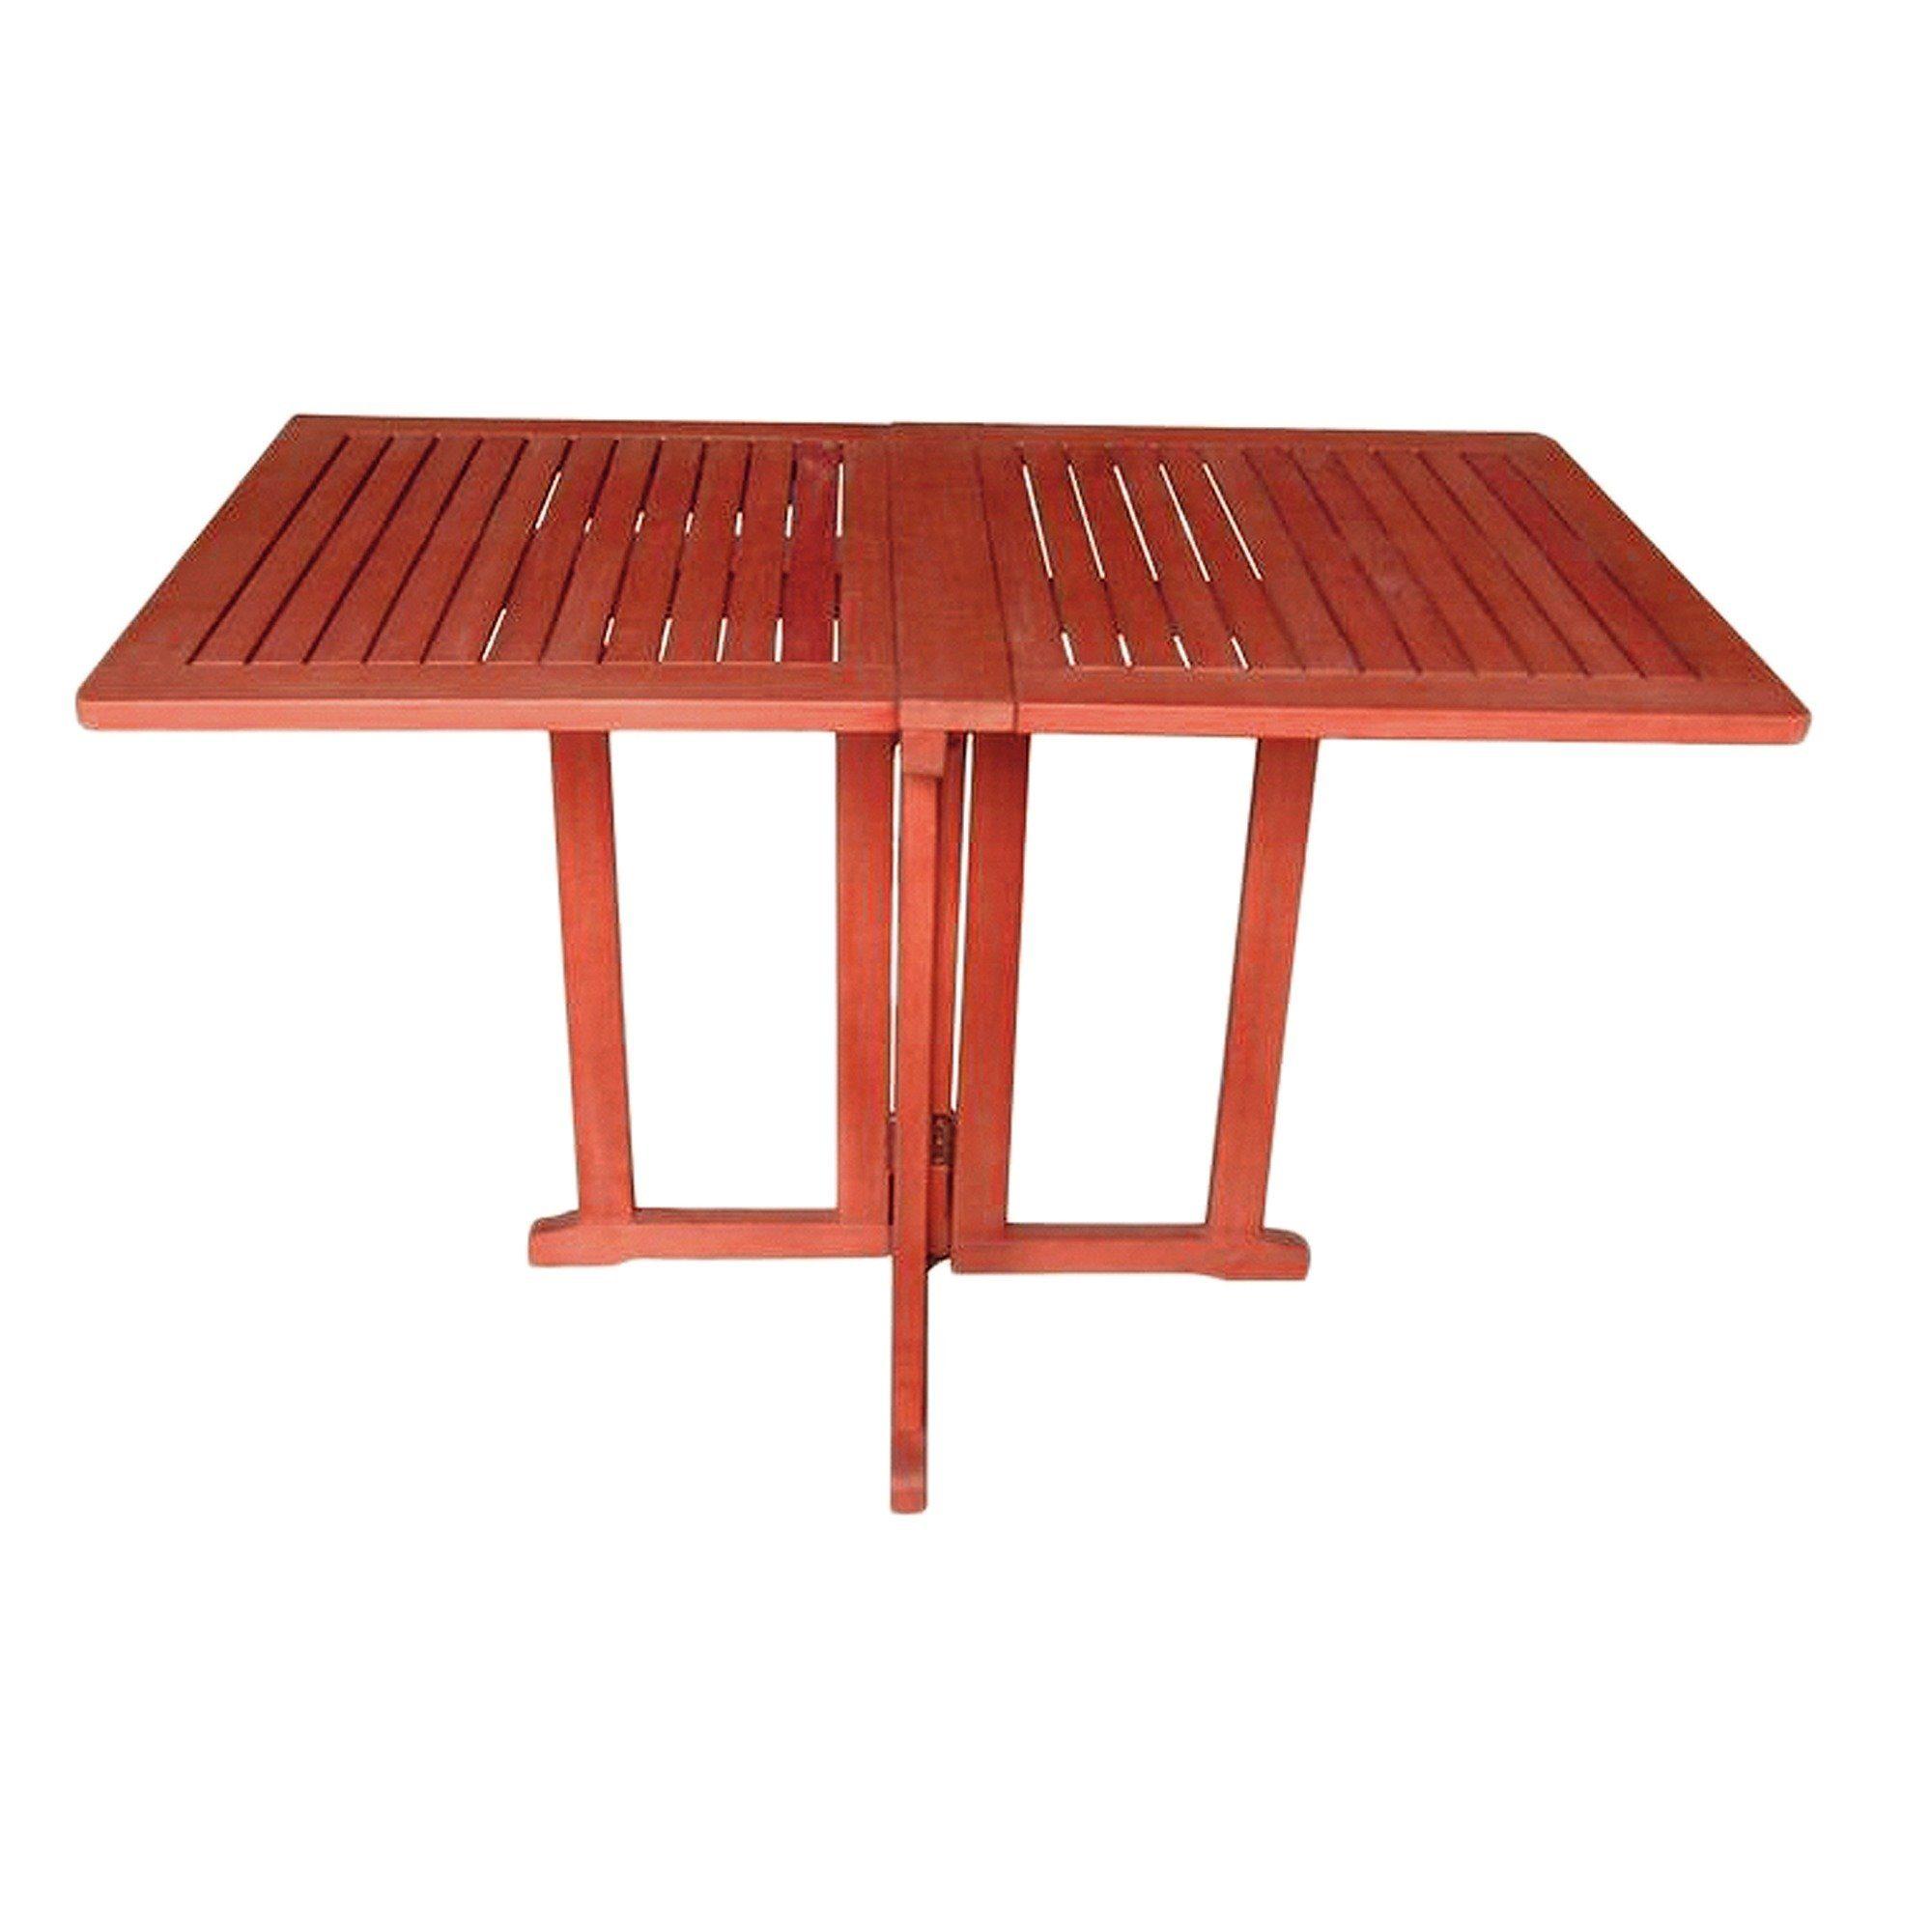 Gartentisch »Baltimore«, Eukalyptusholz, klappbar, 120x70 cm, braun